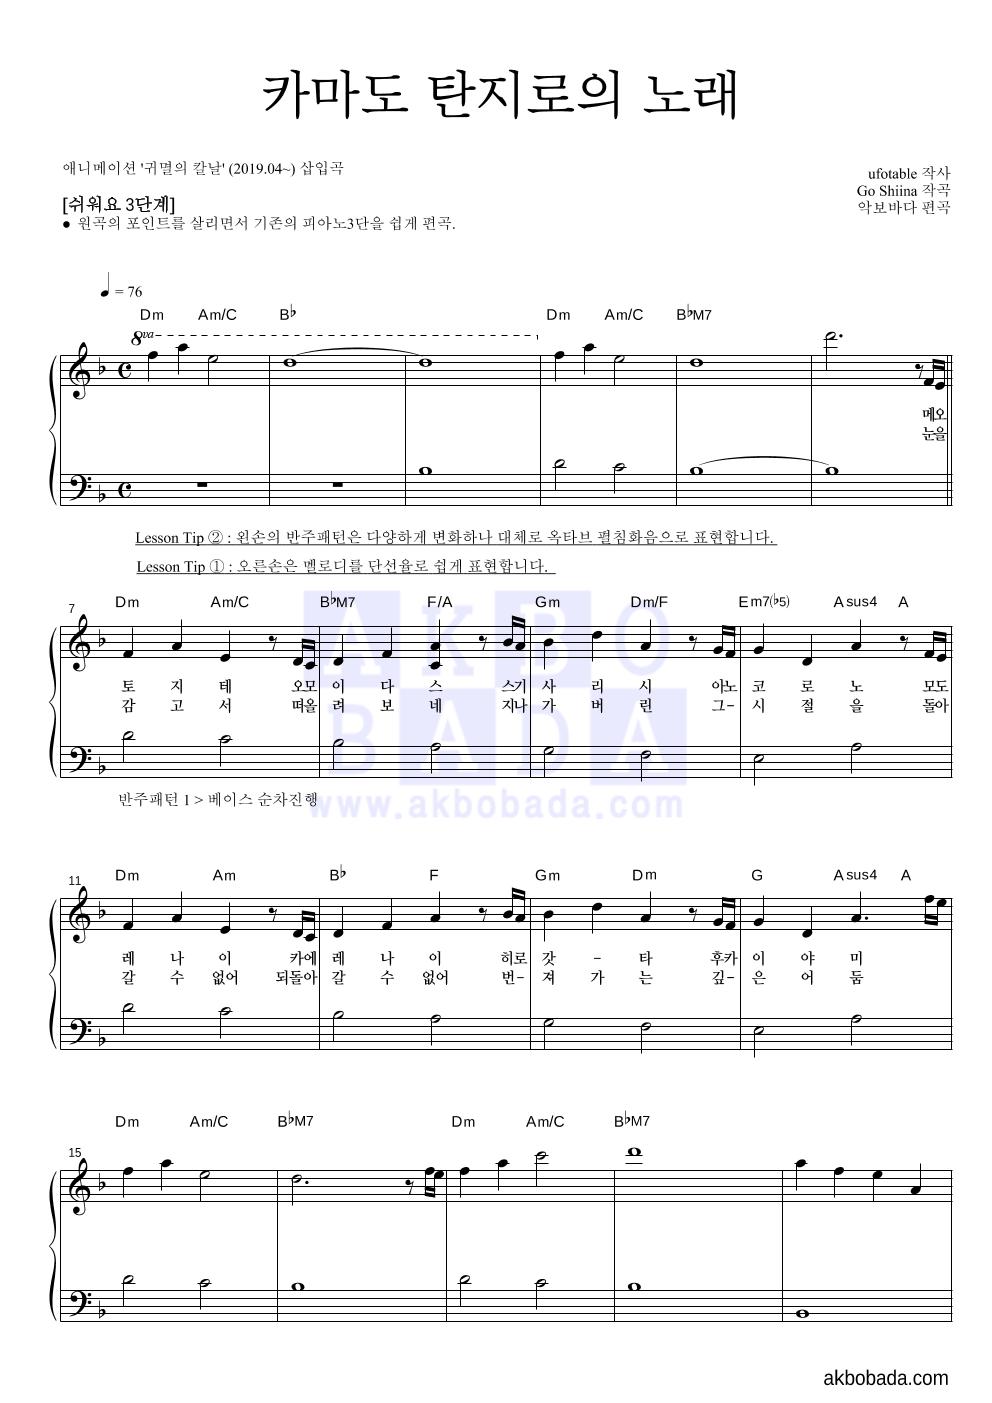 피아노2단-쉬워요 악보